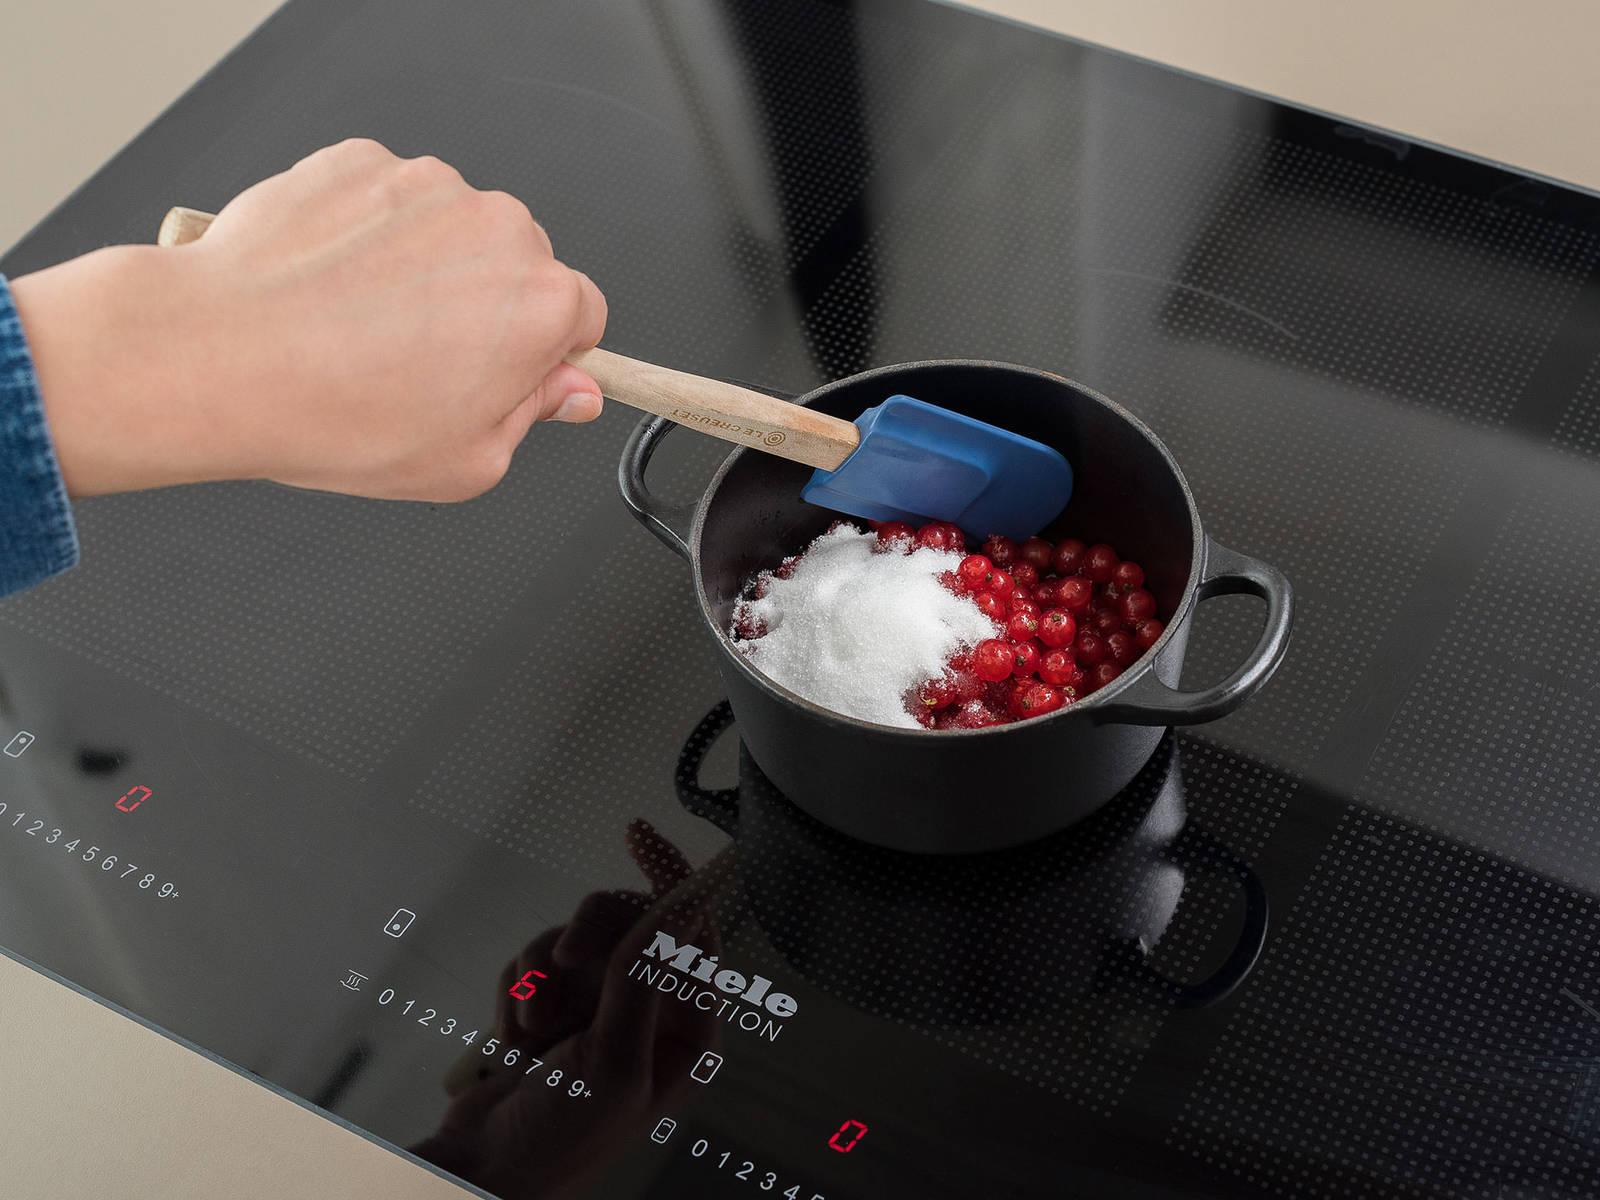 Für den Johannisbeersirup die Limette auspressen und den Saft in einen kleinen Topf geben. Johannisbeeren waschen und zum Topf geben. Wasser und Zucker dazugeben und zum Kochen bringen. Bei kleiner Hitze ca. 5 Min. köcheln lassen. Den Sirup durch ein Sieb in ein sauberes Gefäß gießen und abkühlen lassen.